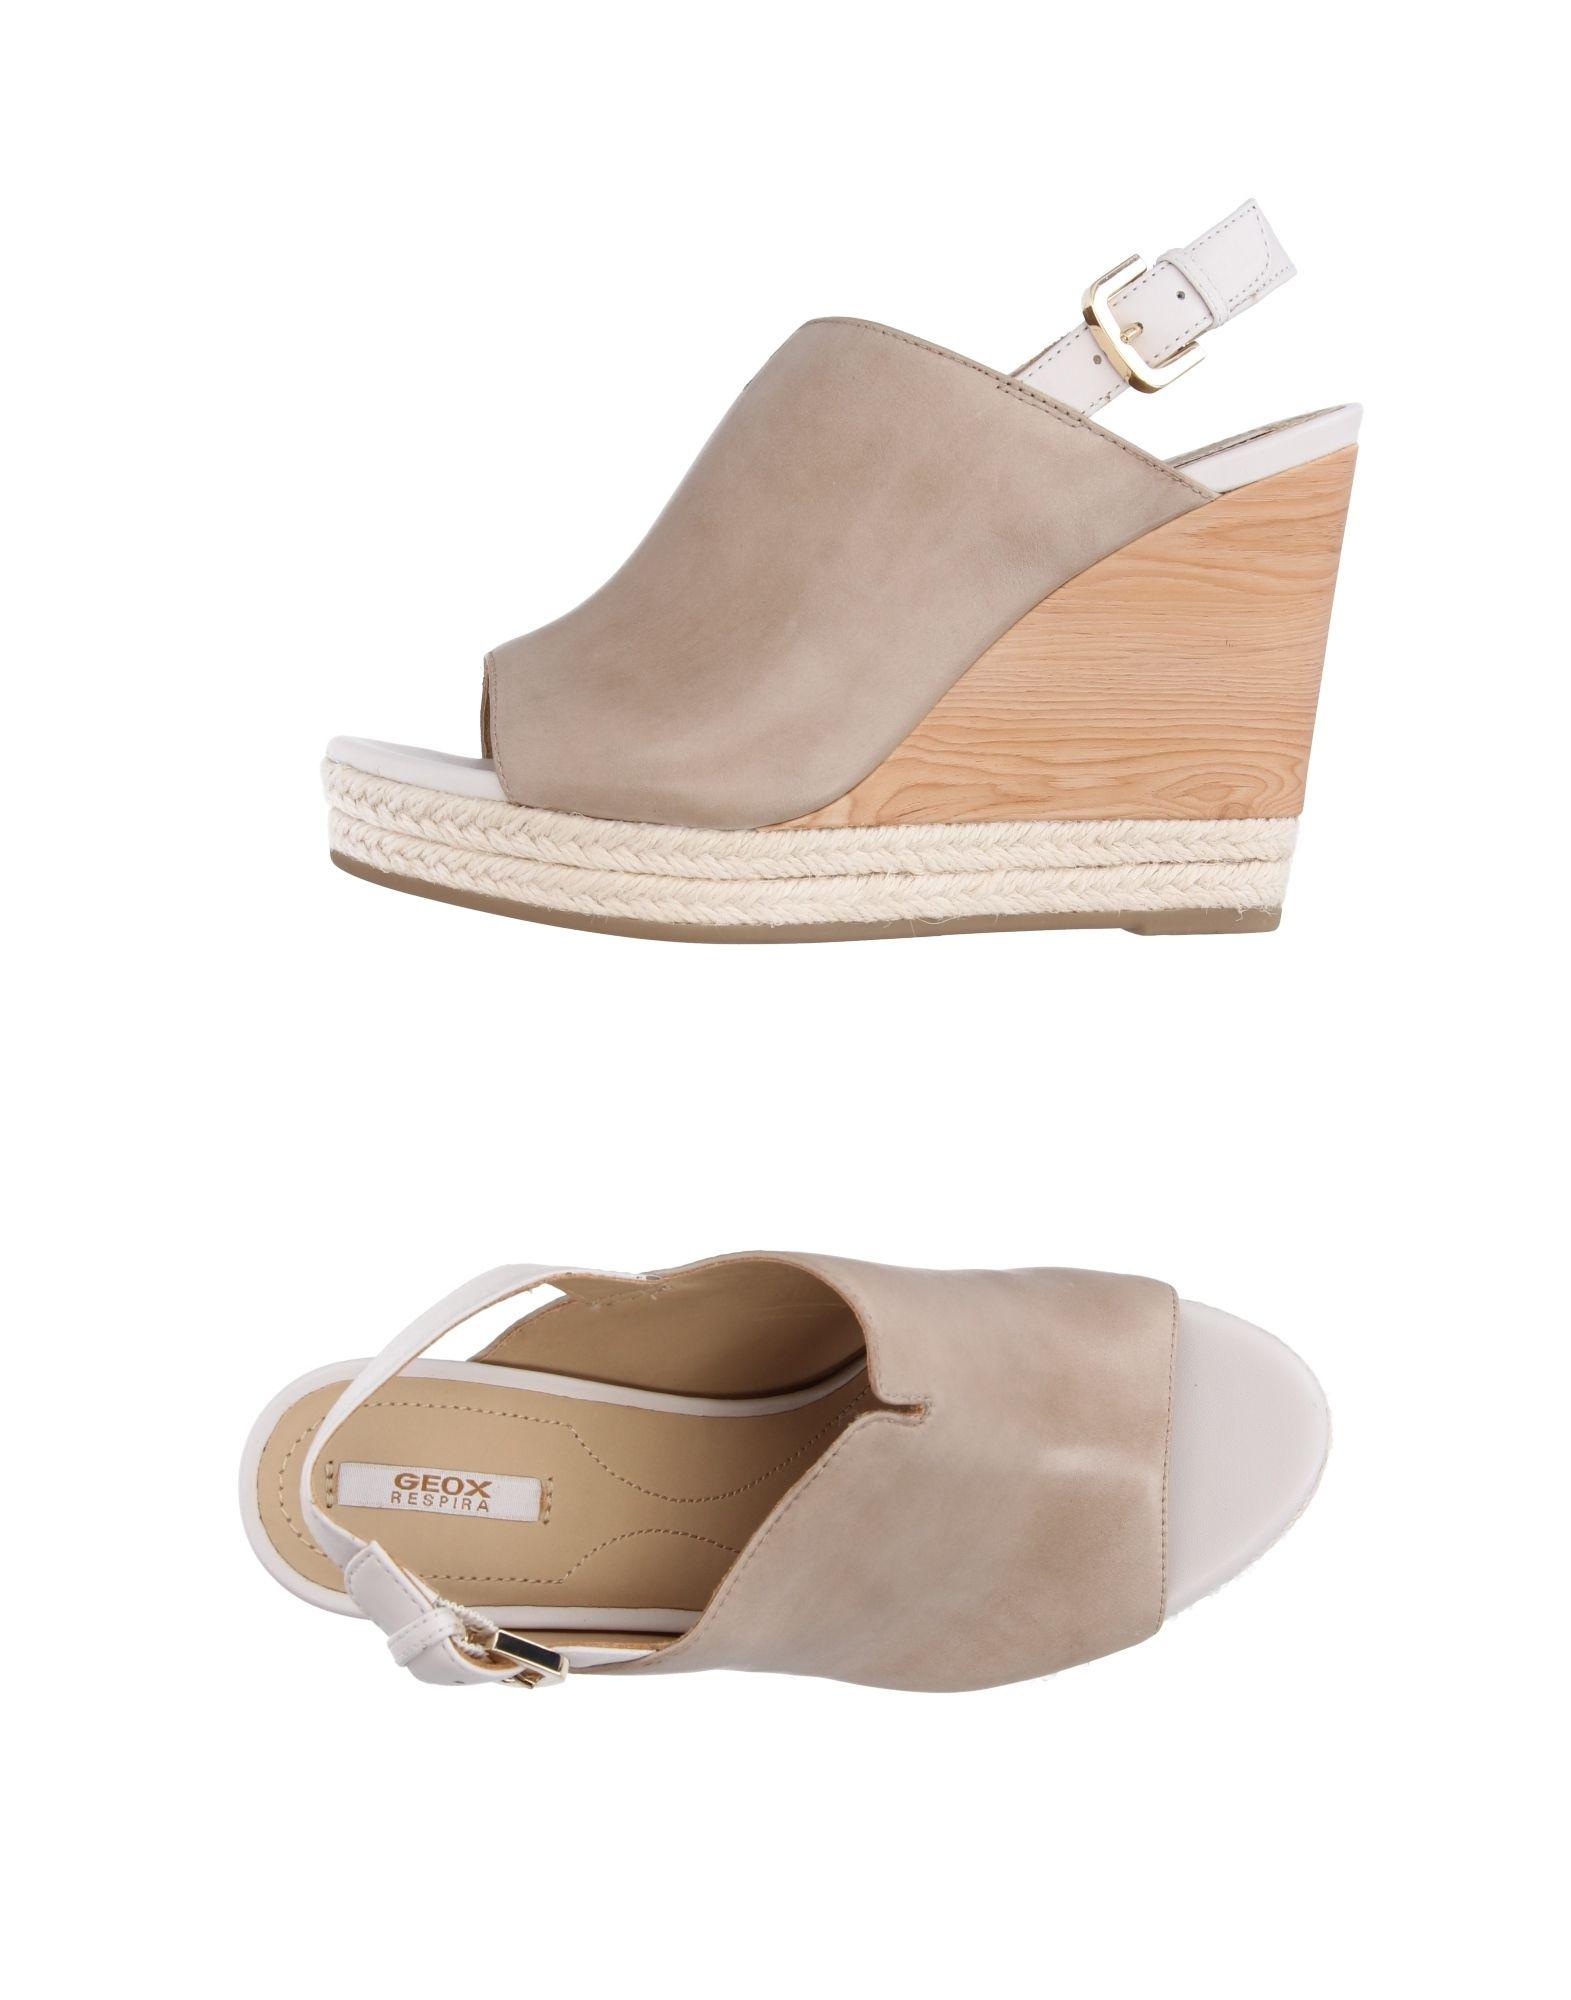 Geox Sandalen Damen  11217006BV Gute Qualität beliebte Schuhe